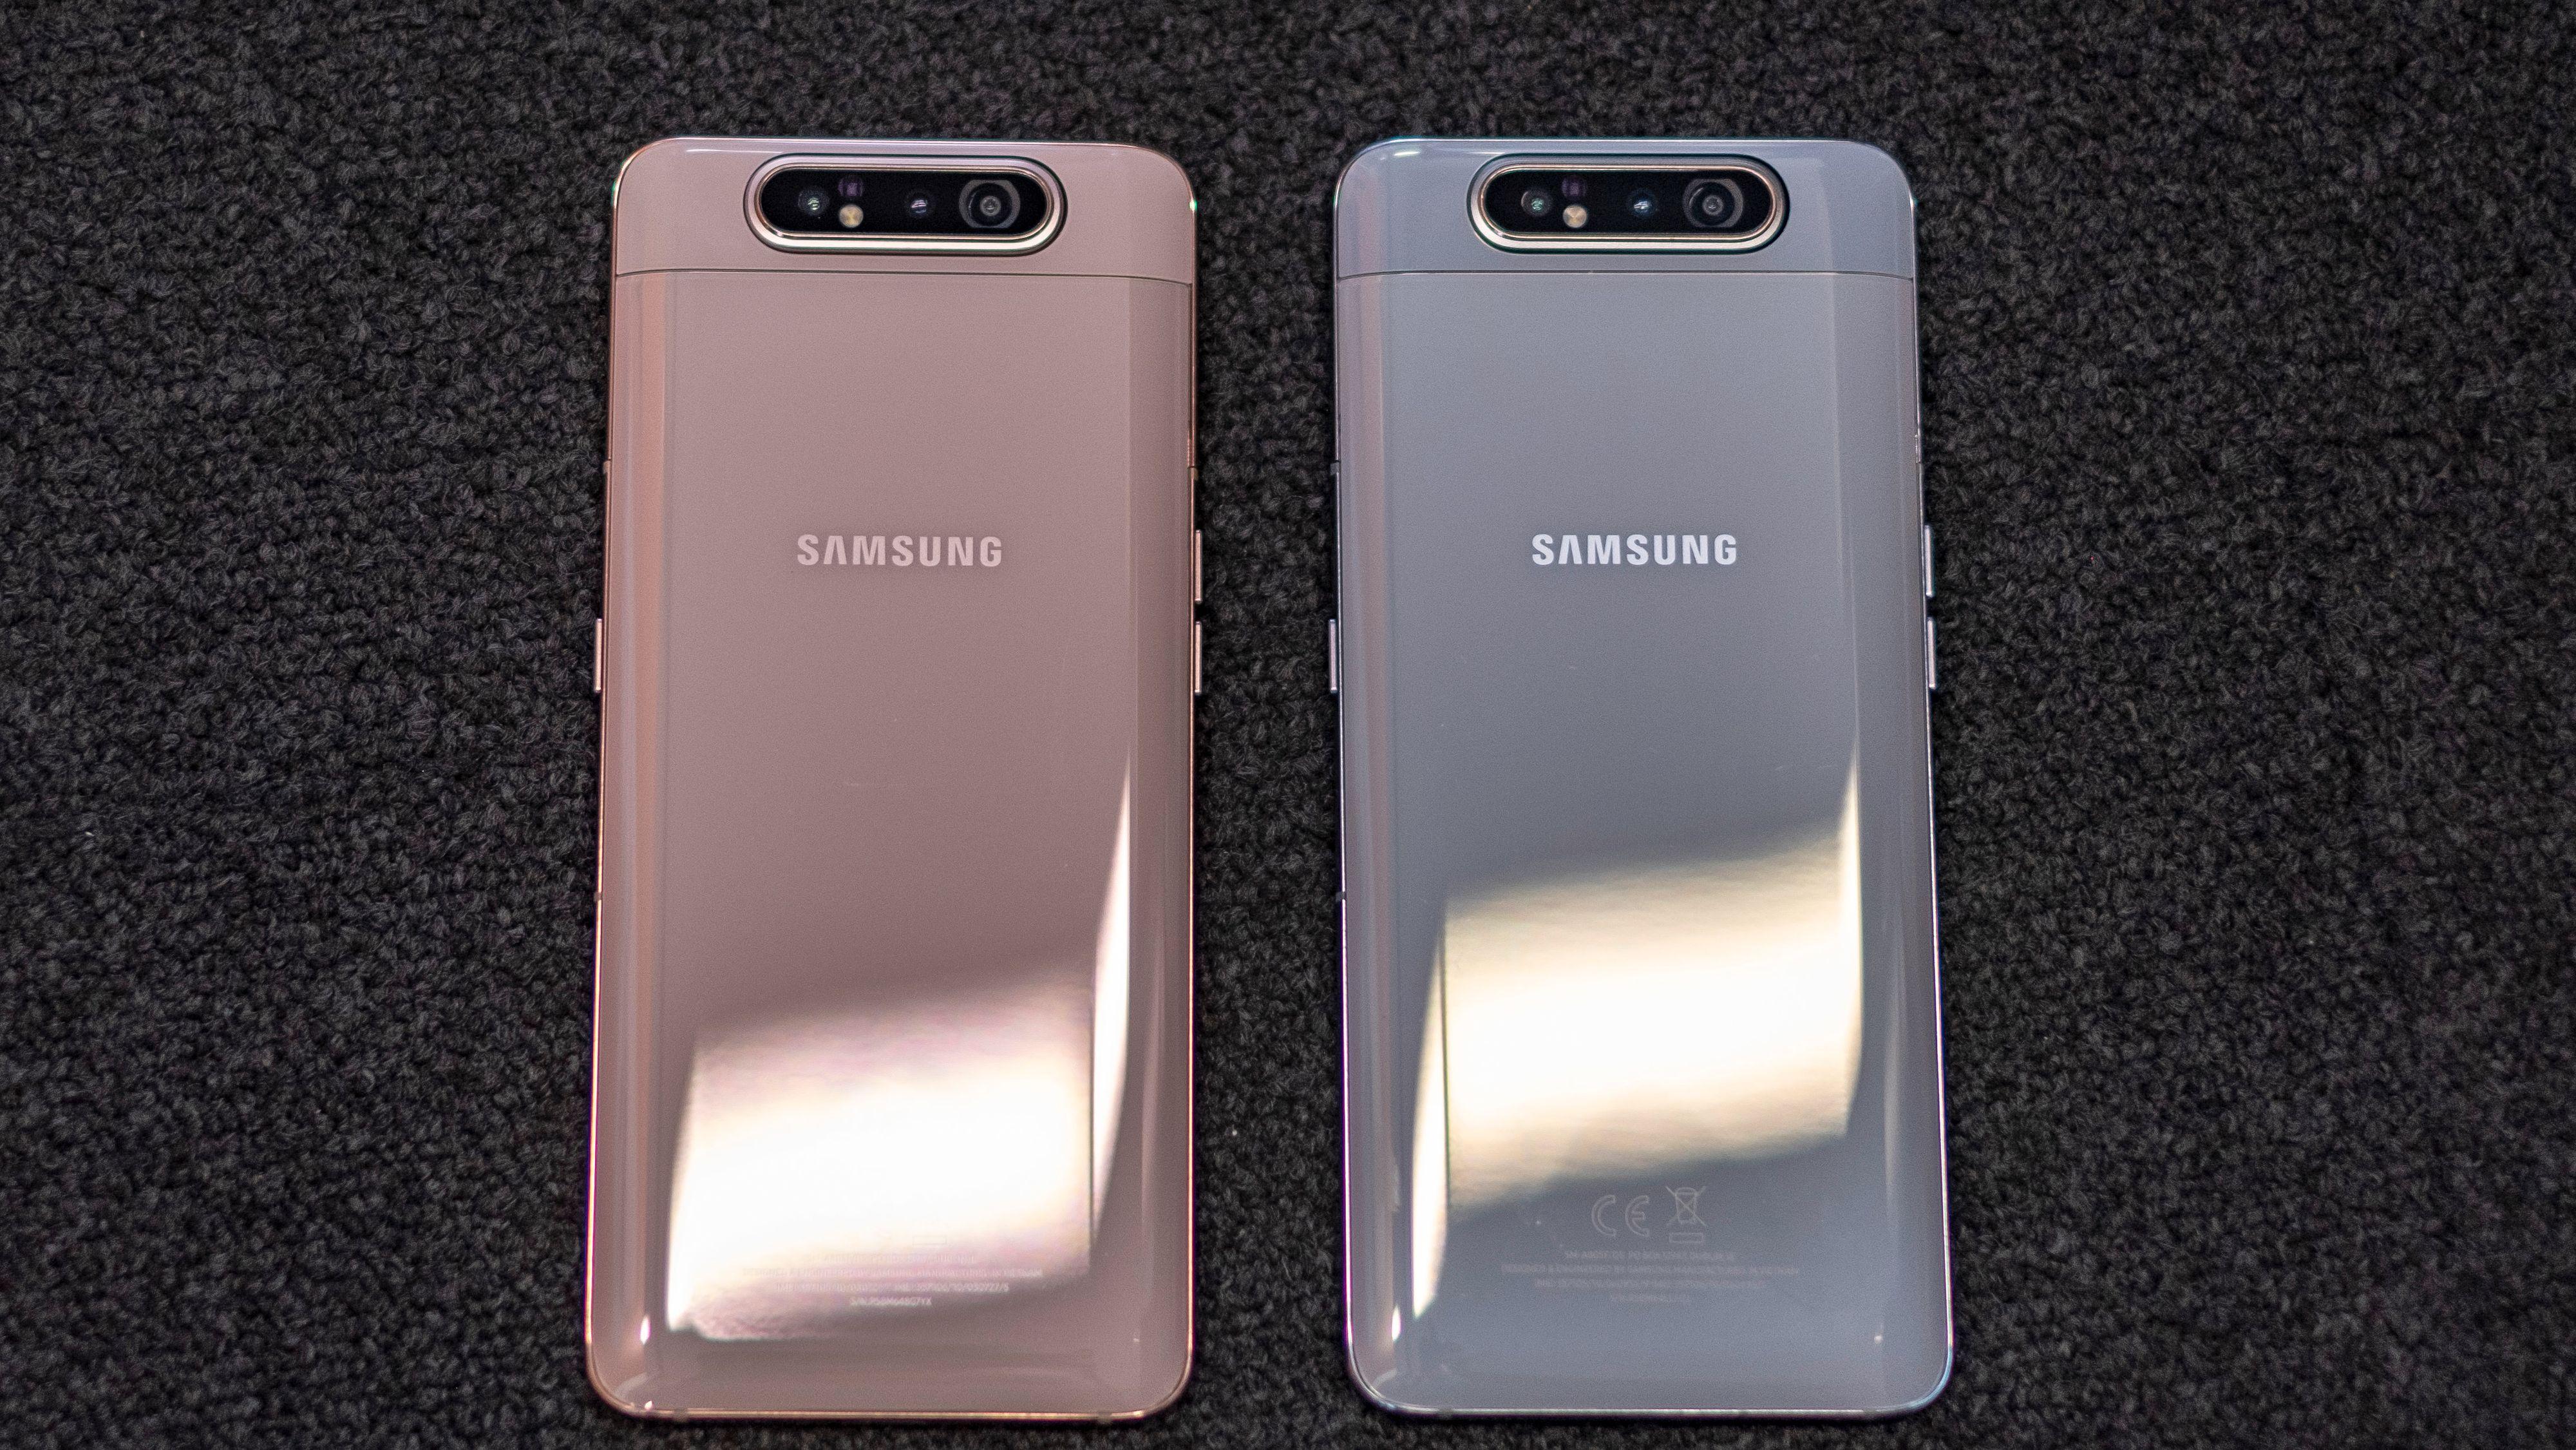 Galaxy A80 finnes i varianter med rosa glass og gullkanter eller hvitt glass og sølvfargede kanter. En svart versjon finnes også.